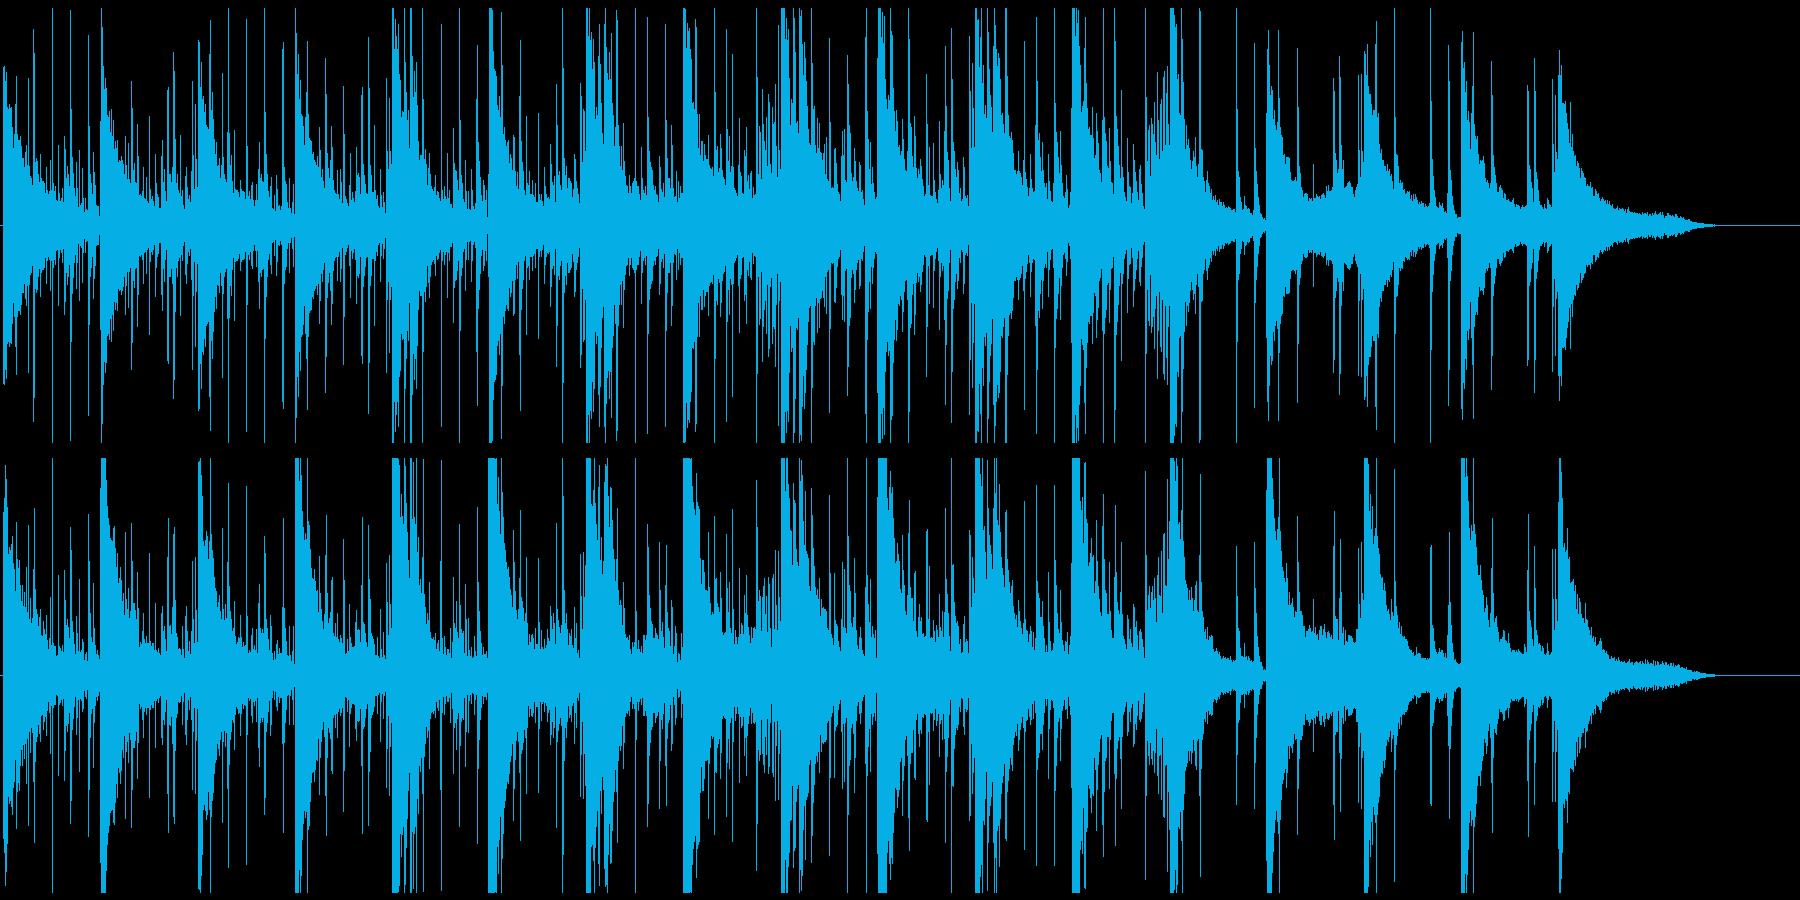 ハイテク通信系映像、ゲーム、アプリにの再生済みの波形